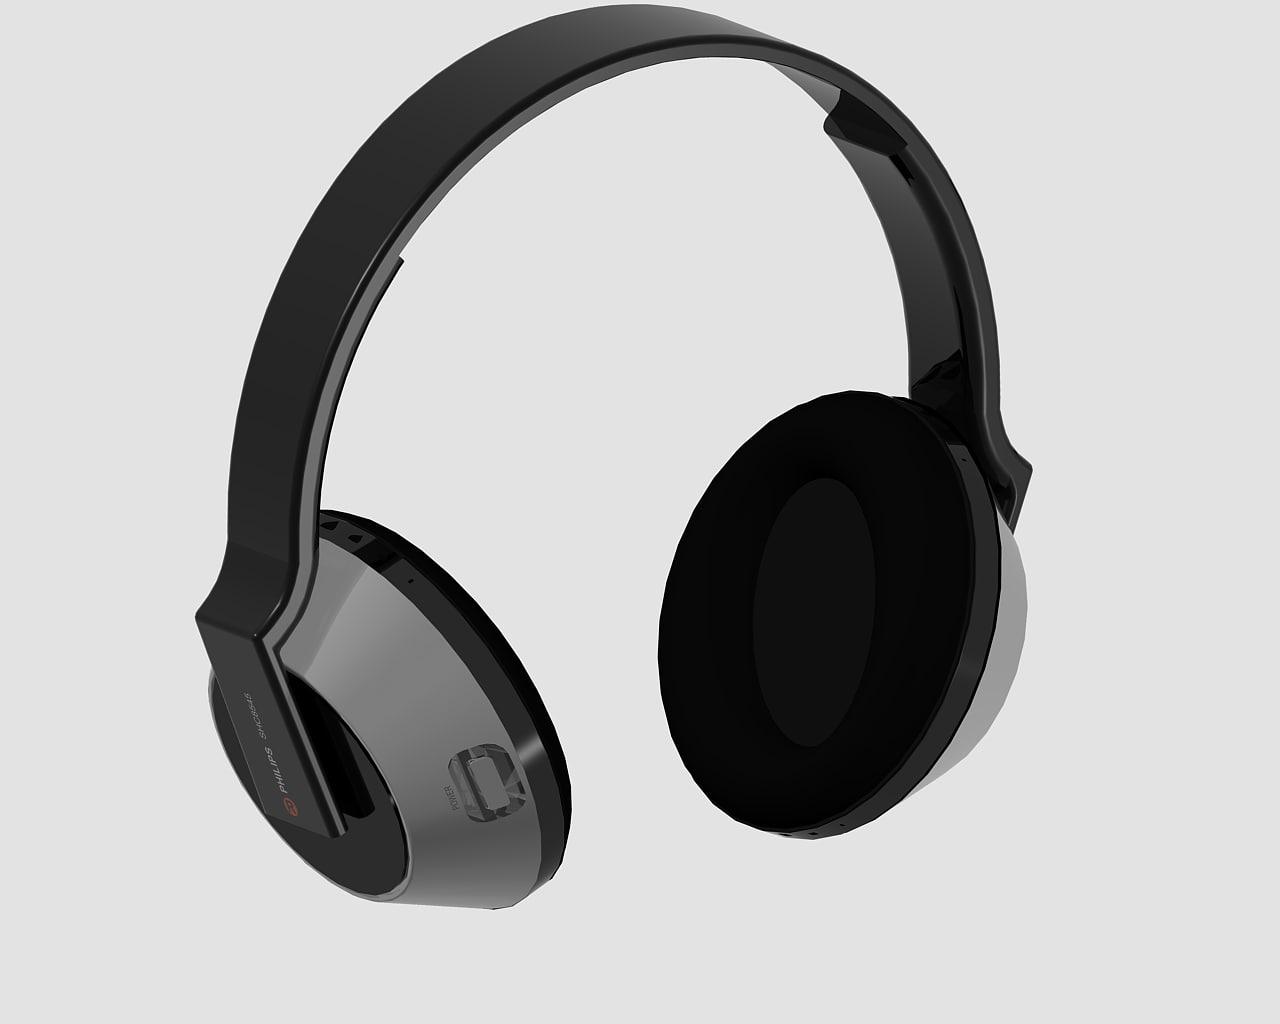 philips headphones 3d dwg